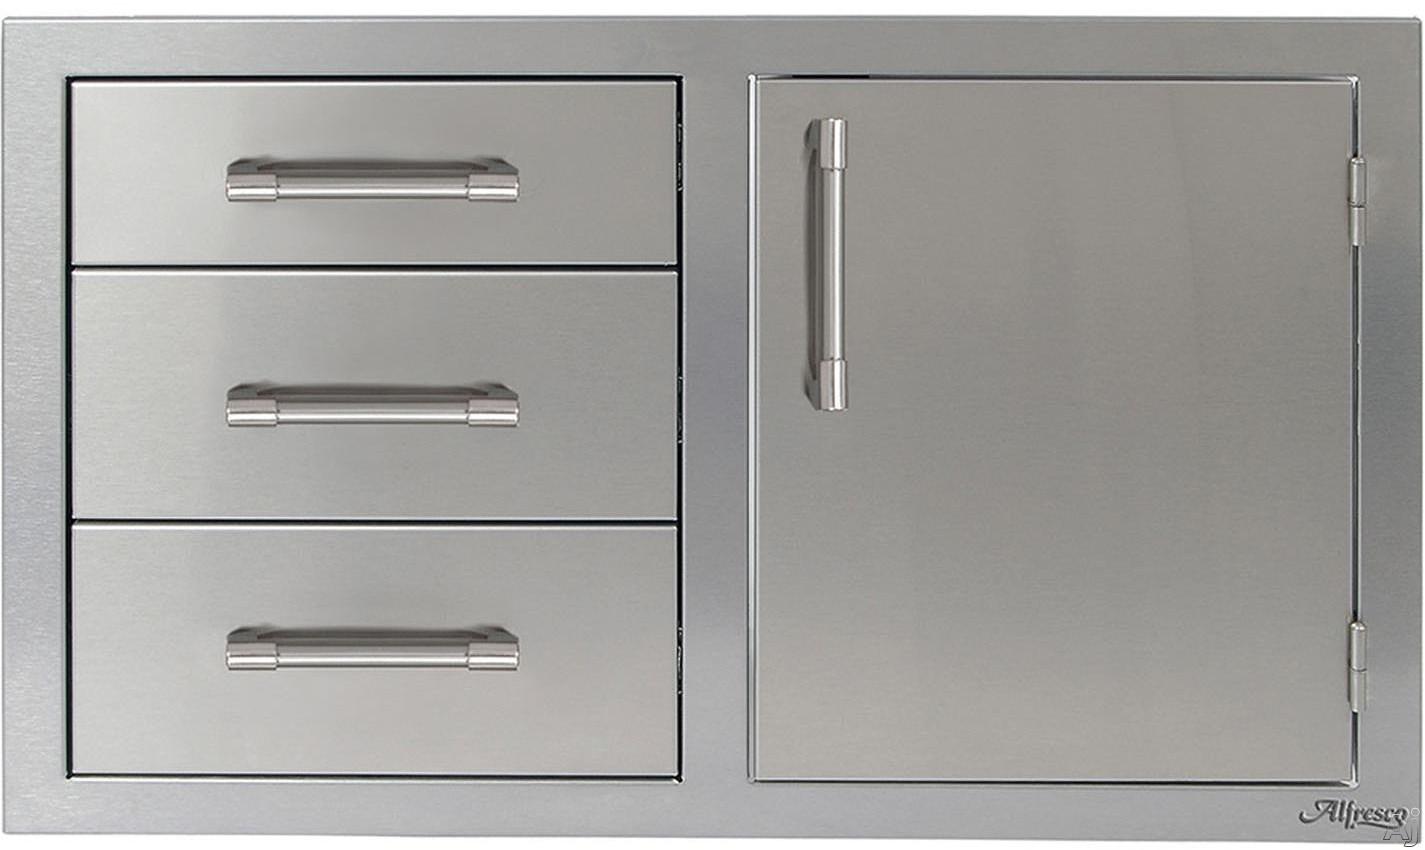 Alfresco Axeddcr 32 Inch Combo Door Plus Drawers